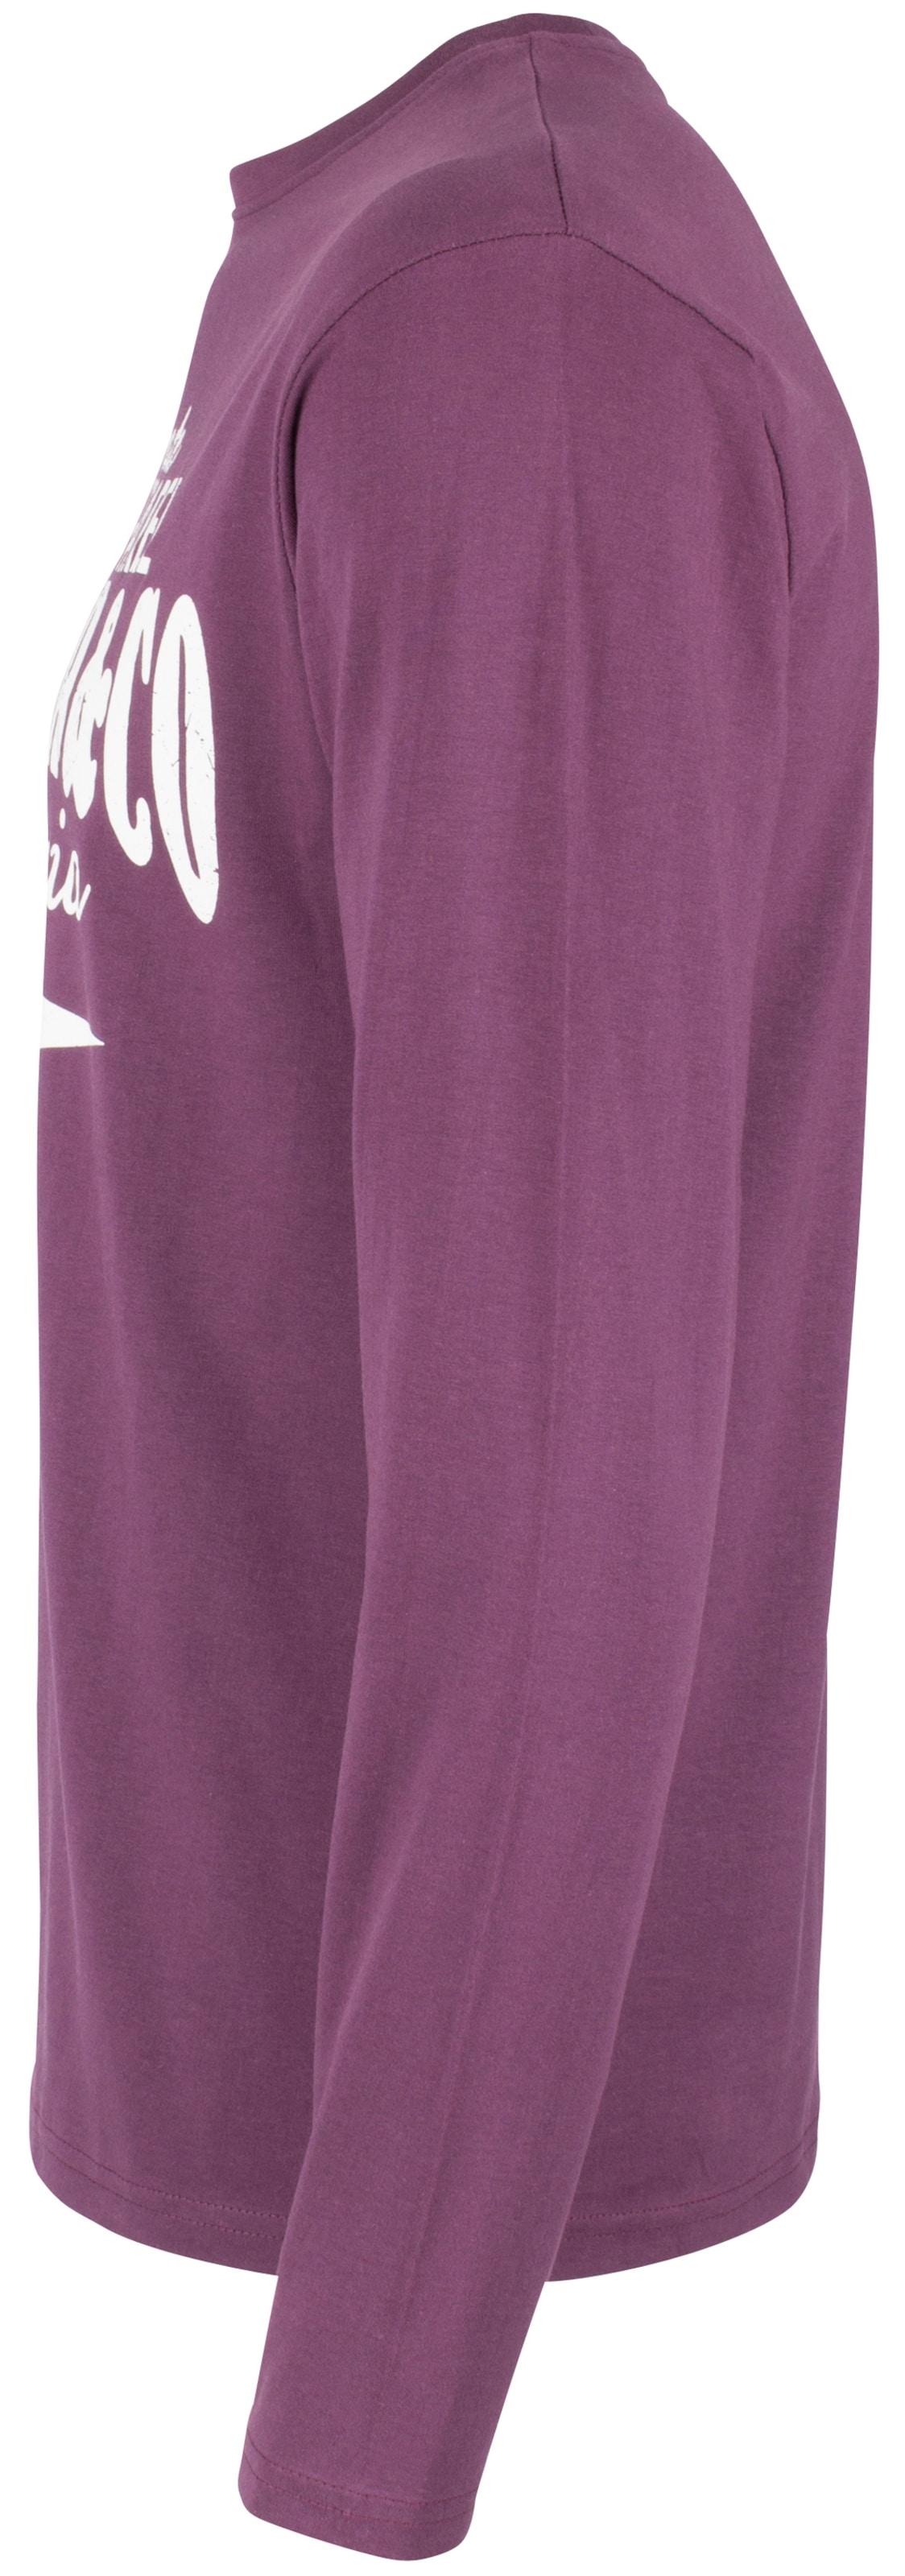 Blanc shirt Soulstar FoncéBourgogne T Violet En TF1lcuKJ53